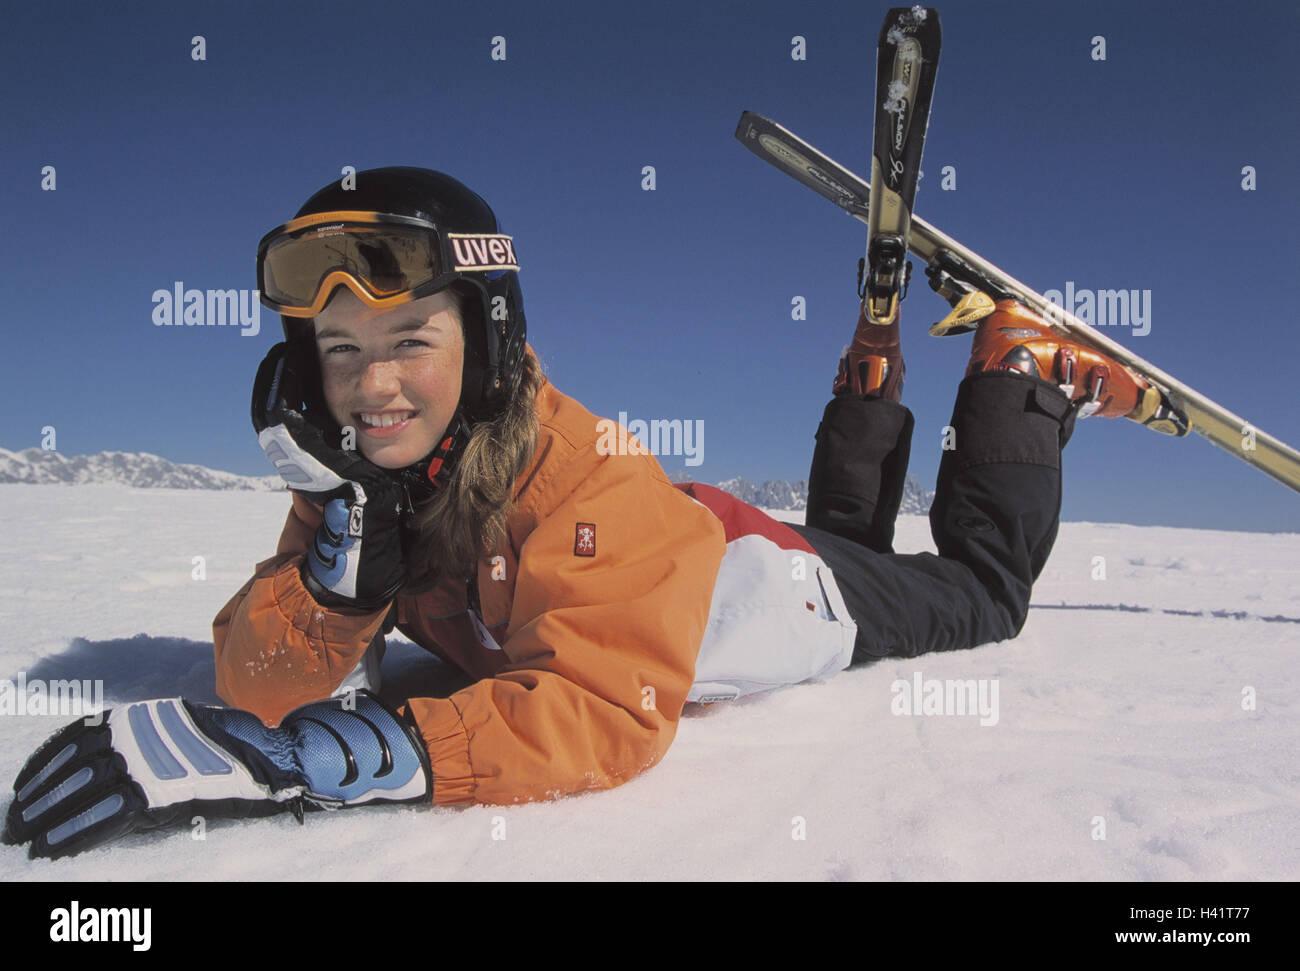 Girls, ski equipment, happy, lie, add support snow, leisure time